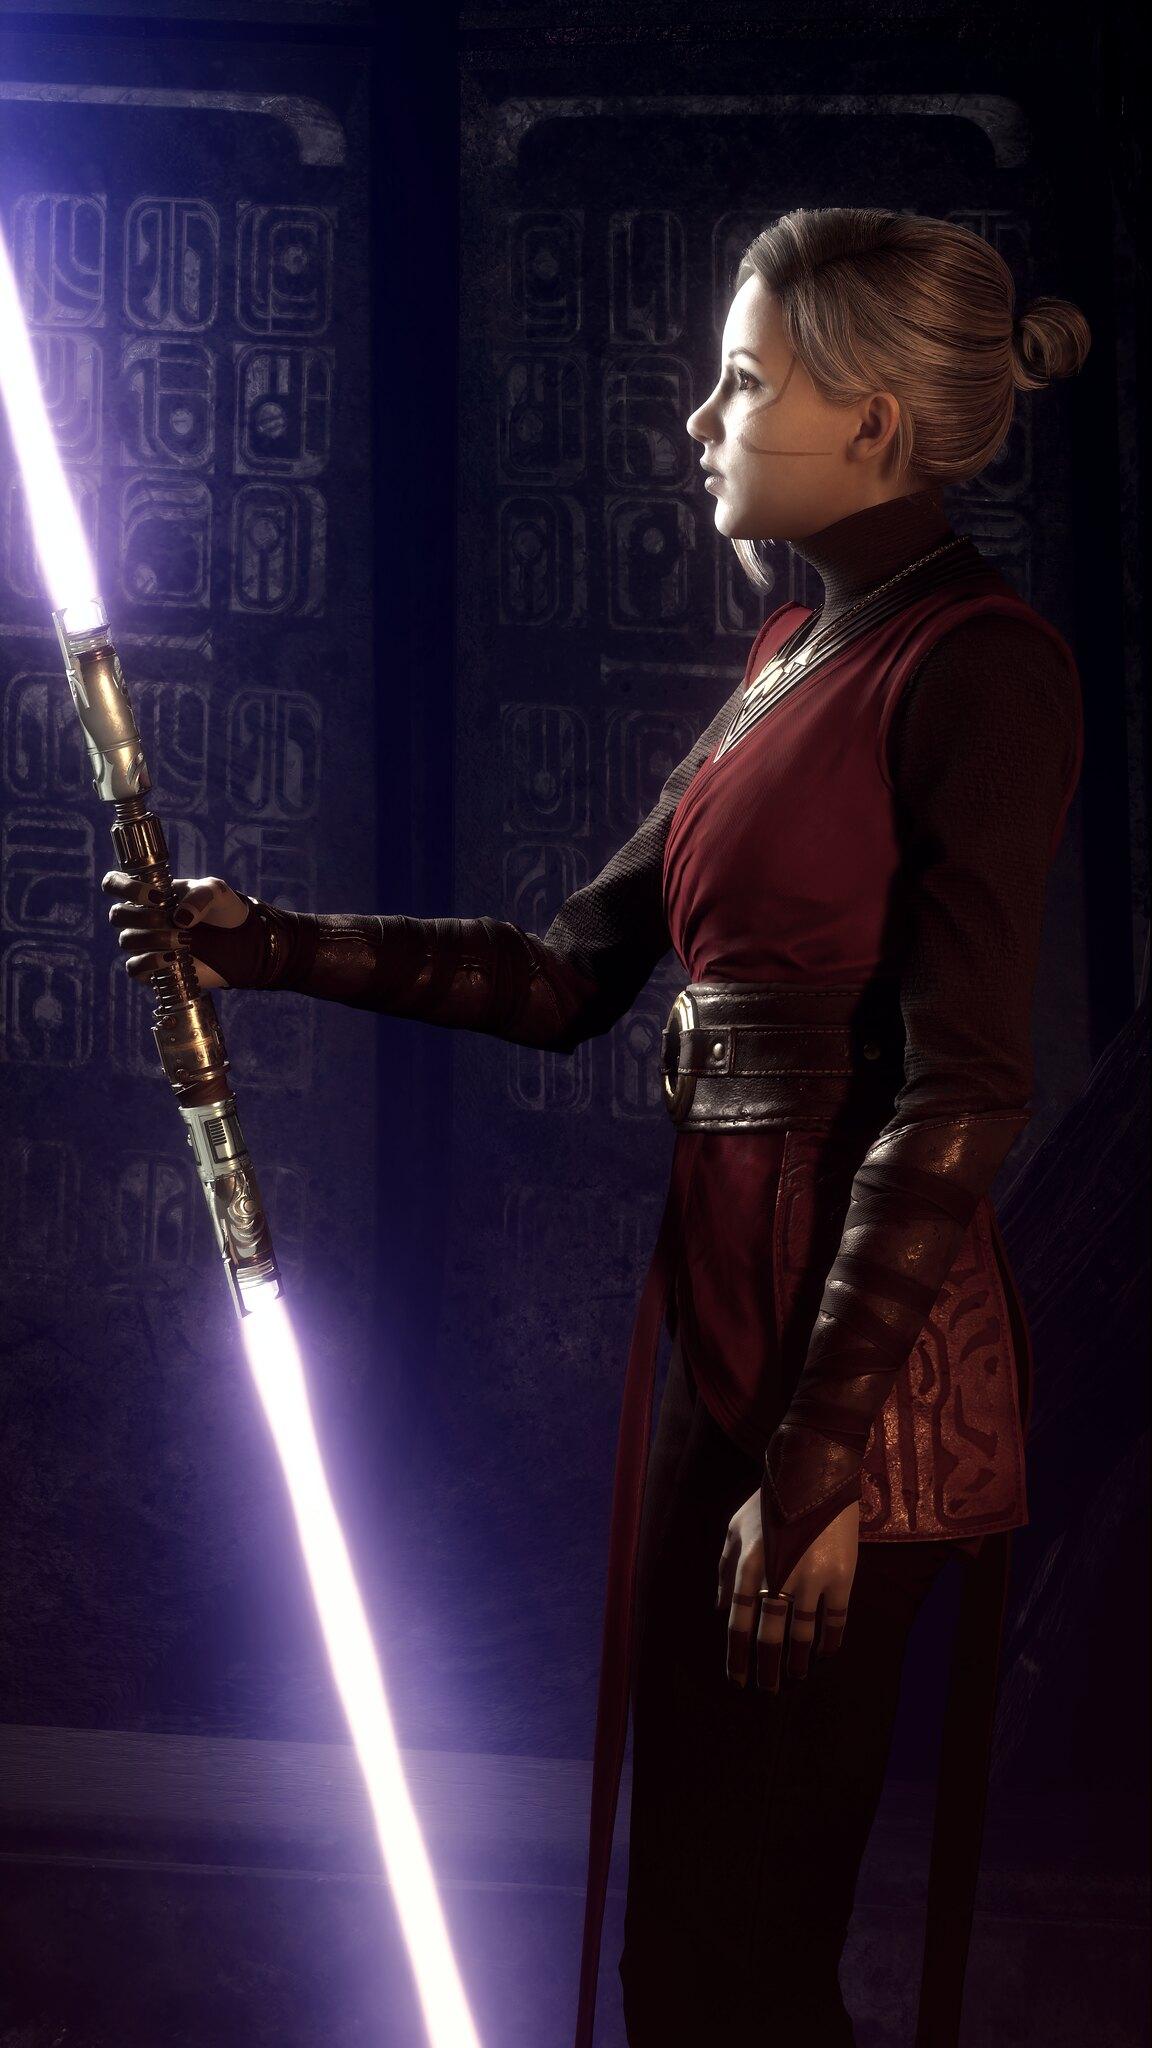 49181117547_6b956fd729_k.jpg - Star Wars Jedi: Fallen Order